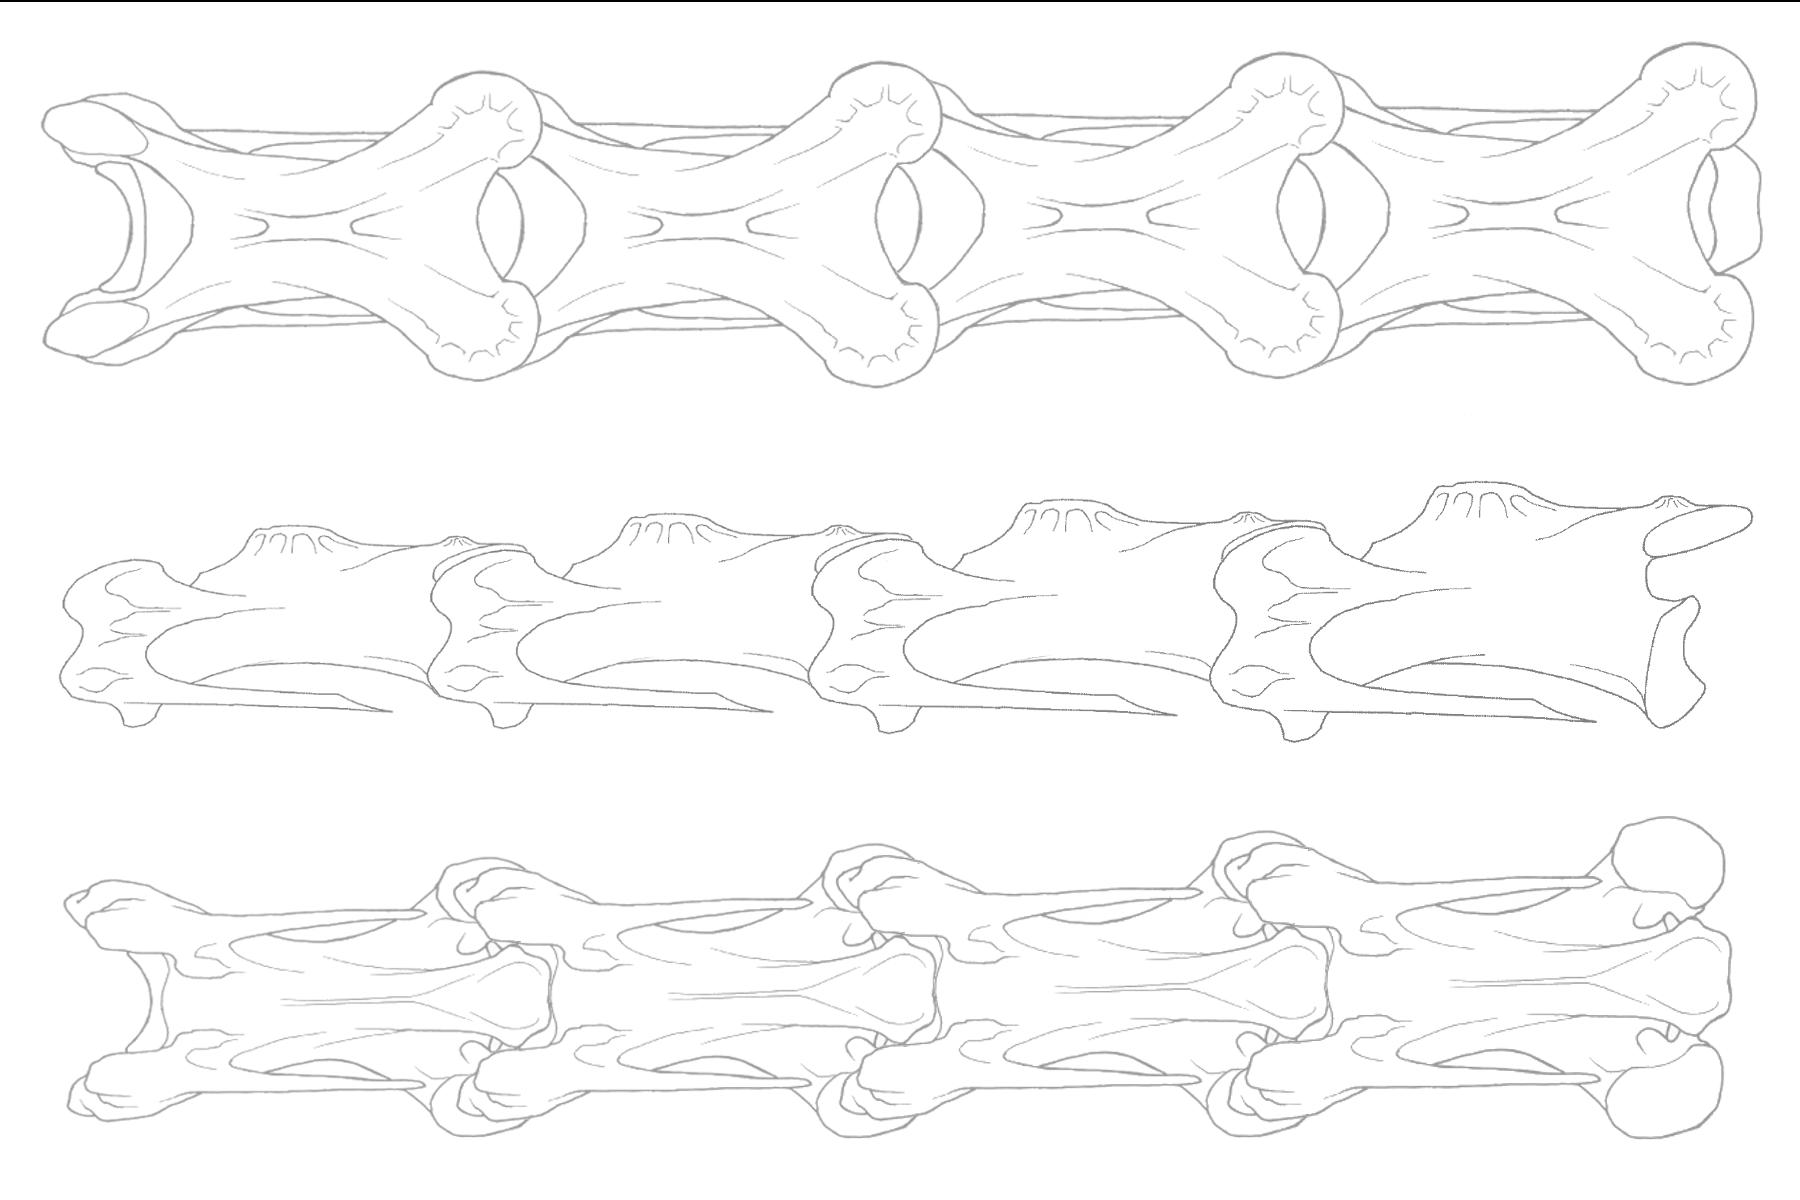 Bird Vertebra Diagrams